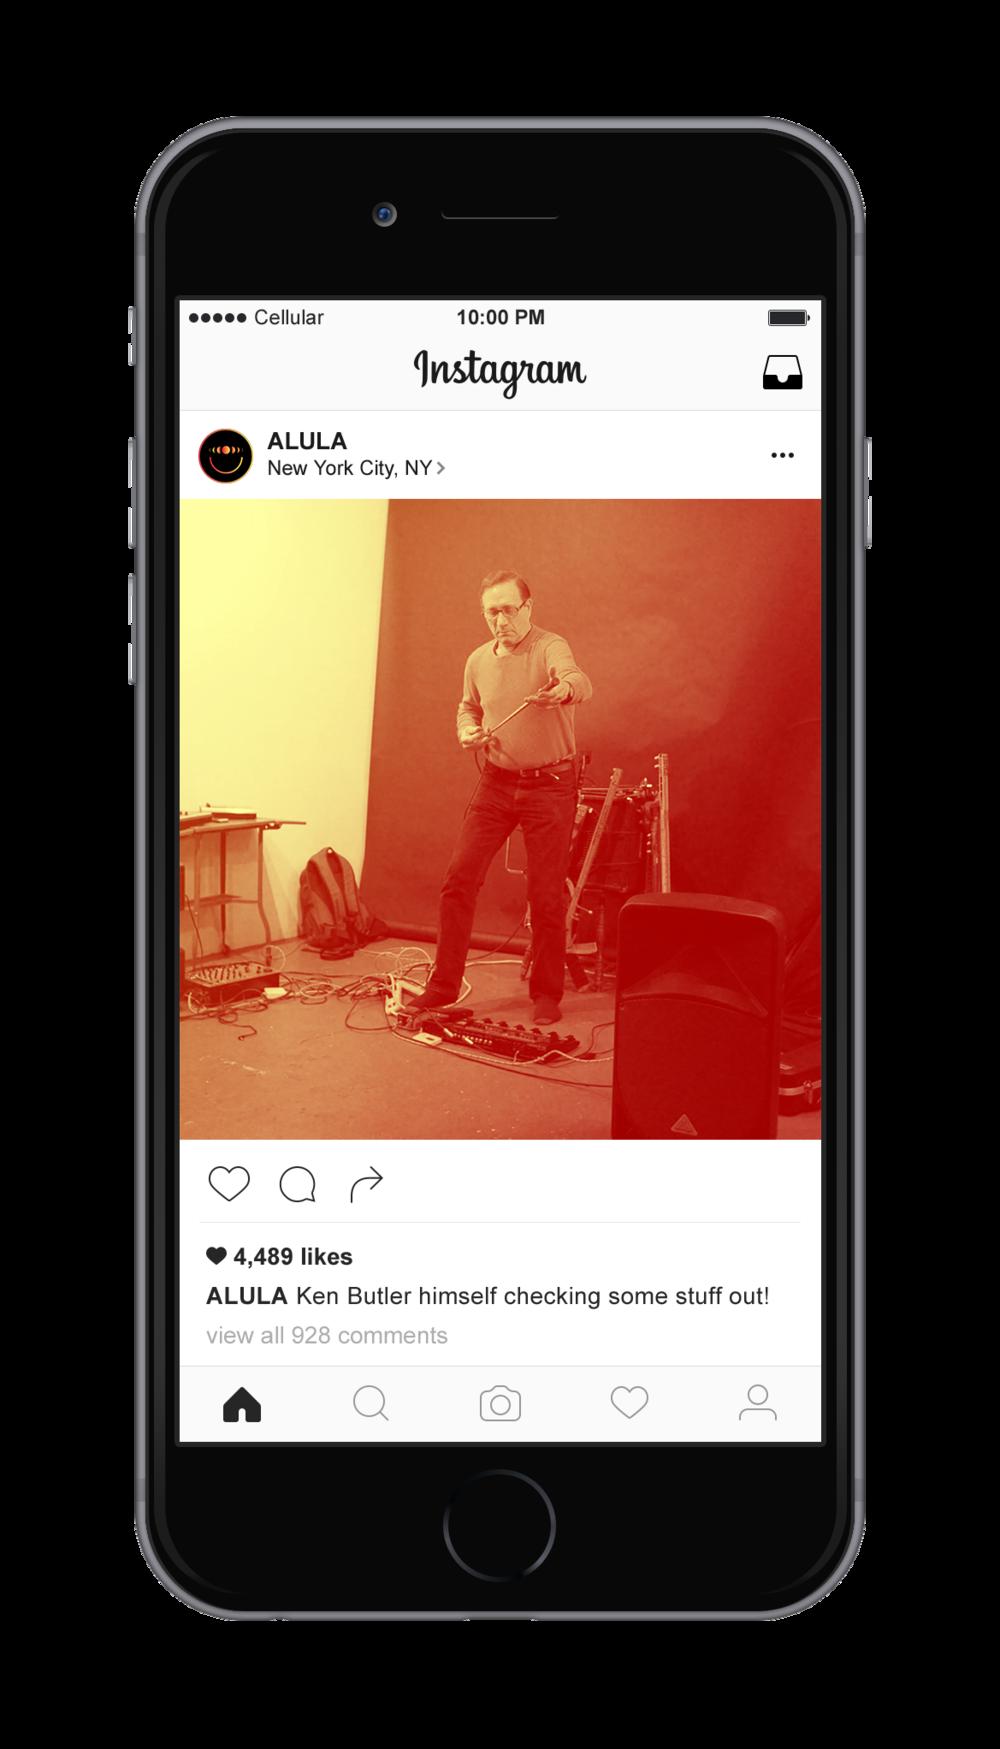 ALULA-Instagram-Mockup-3.png